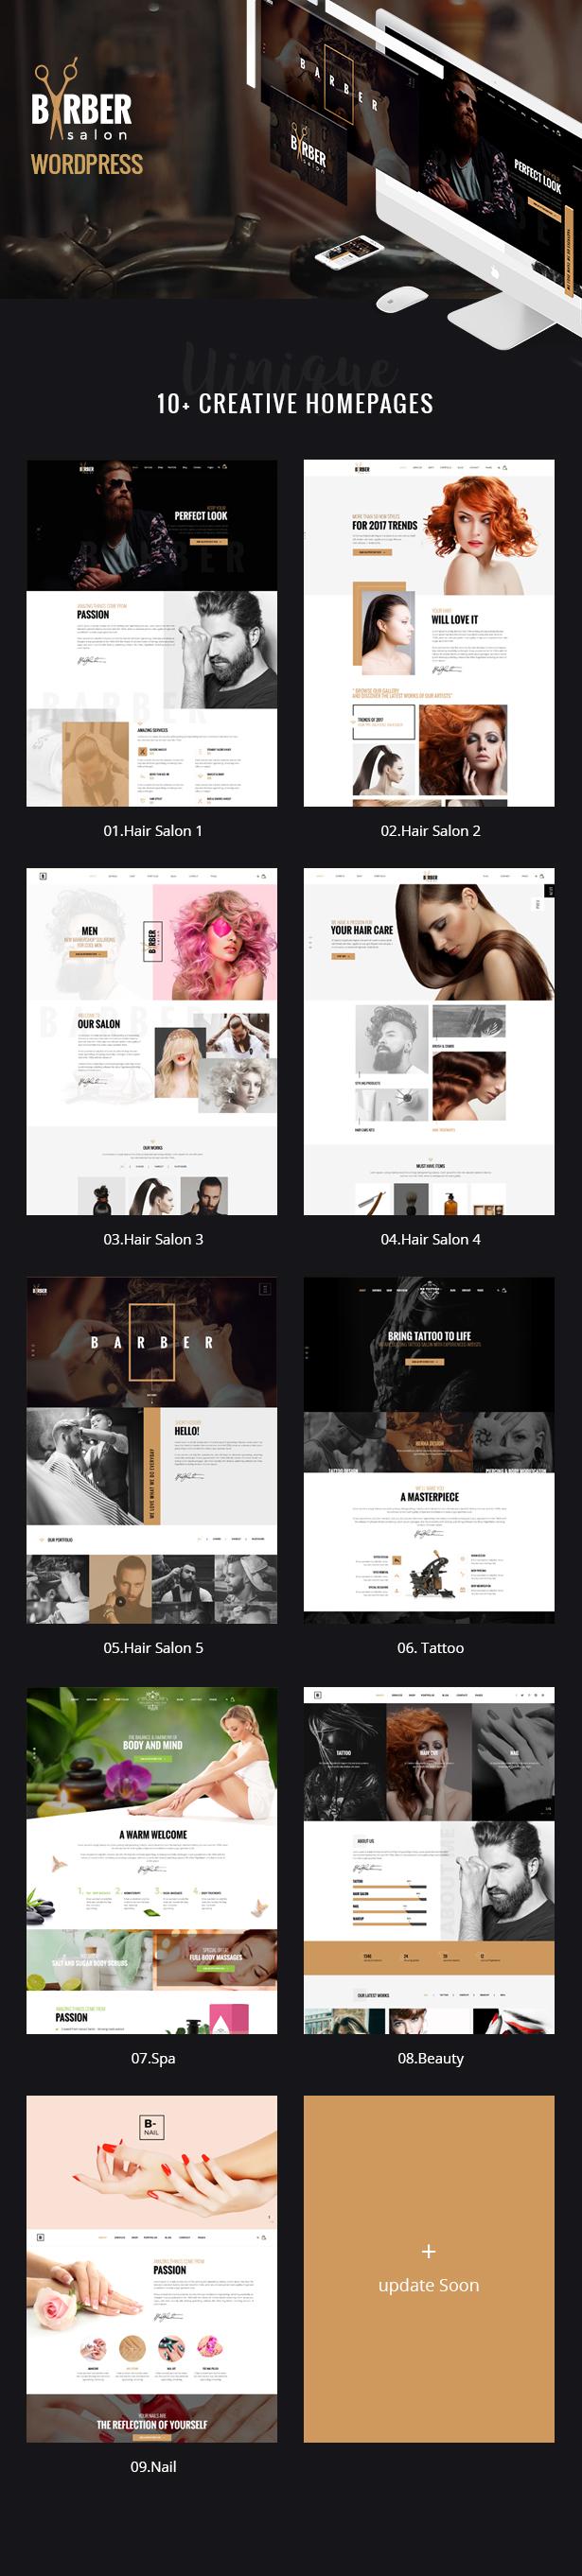 Friseur - Friseur-, Tattoo- und Schönheitssalon WordPress Theme - 9